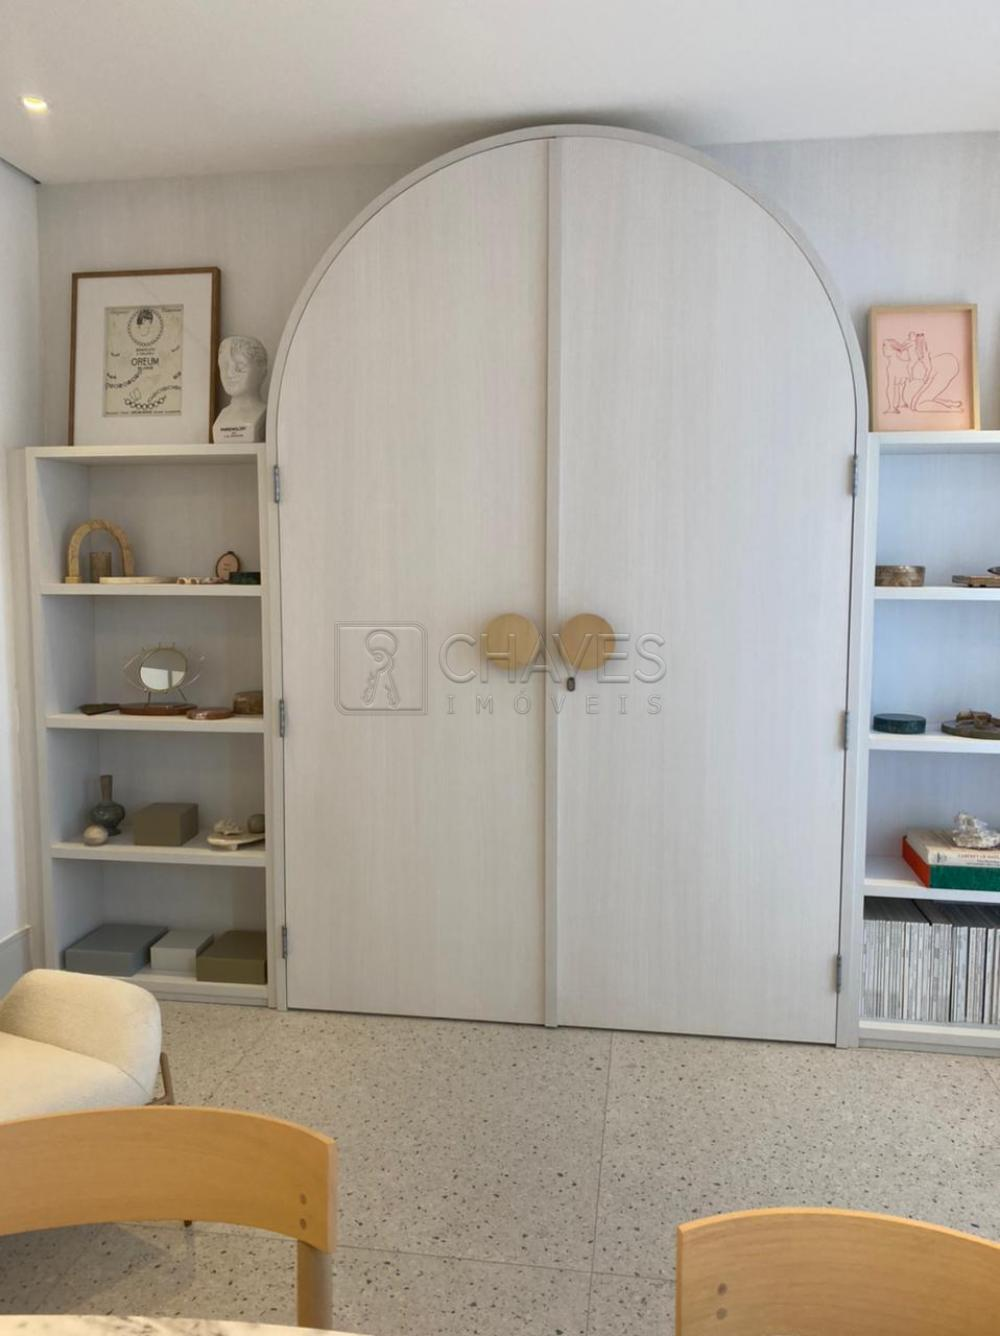 Comprar Comercial / Sala em Condomínio em Ribeirão Preto apenas R$ 640.000,00 - Foto 4